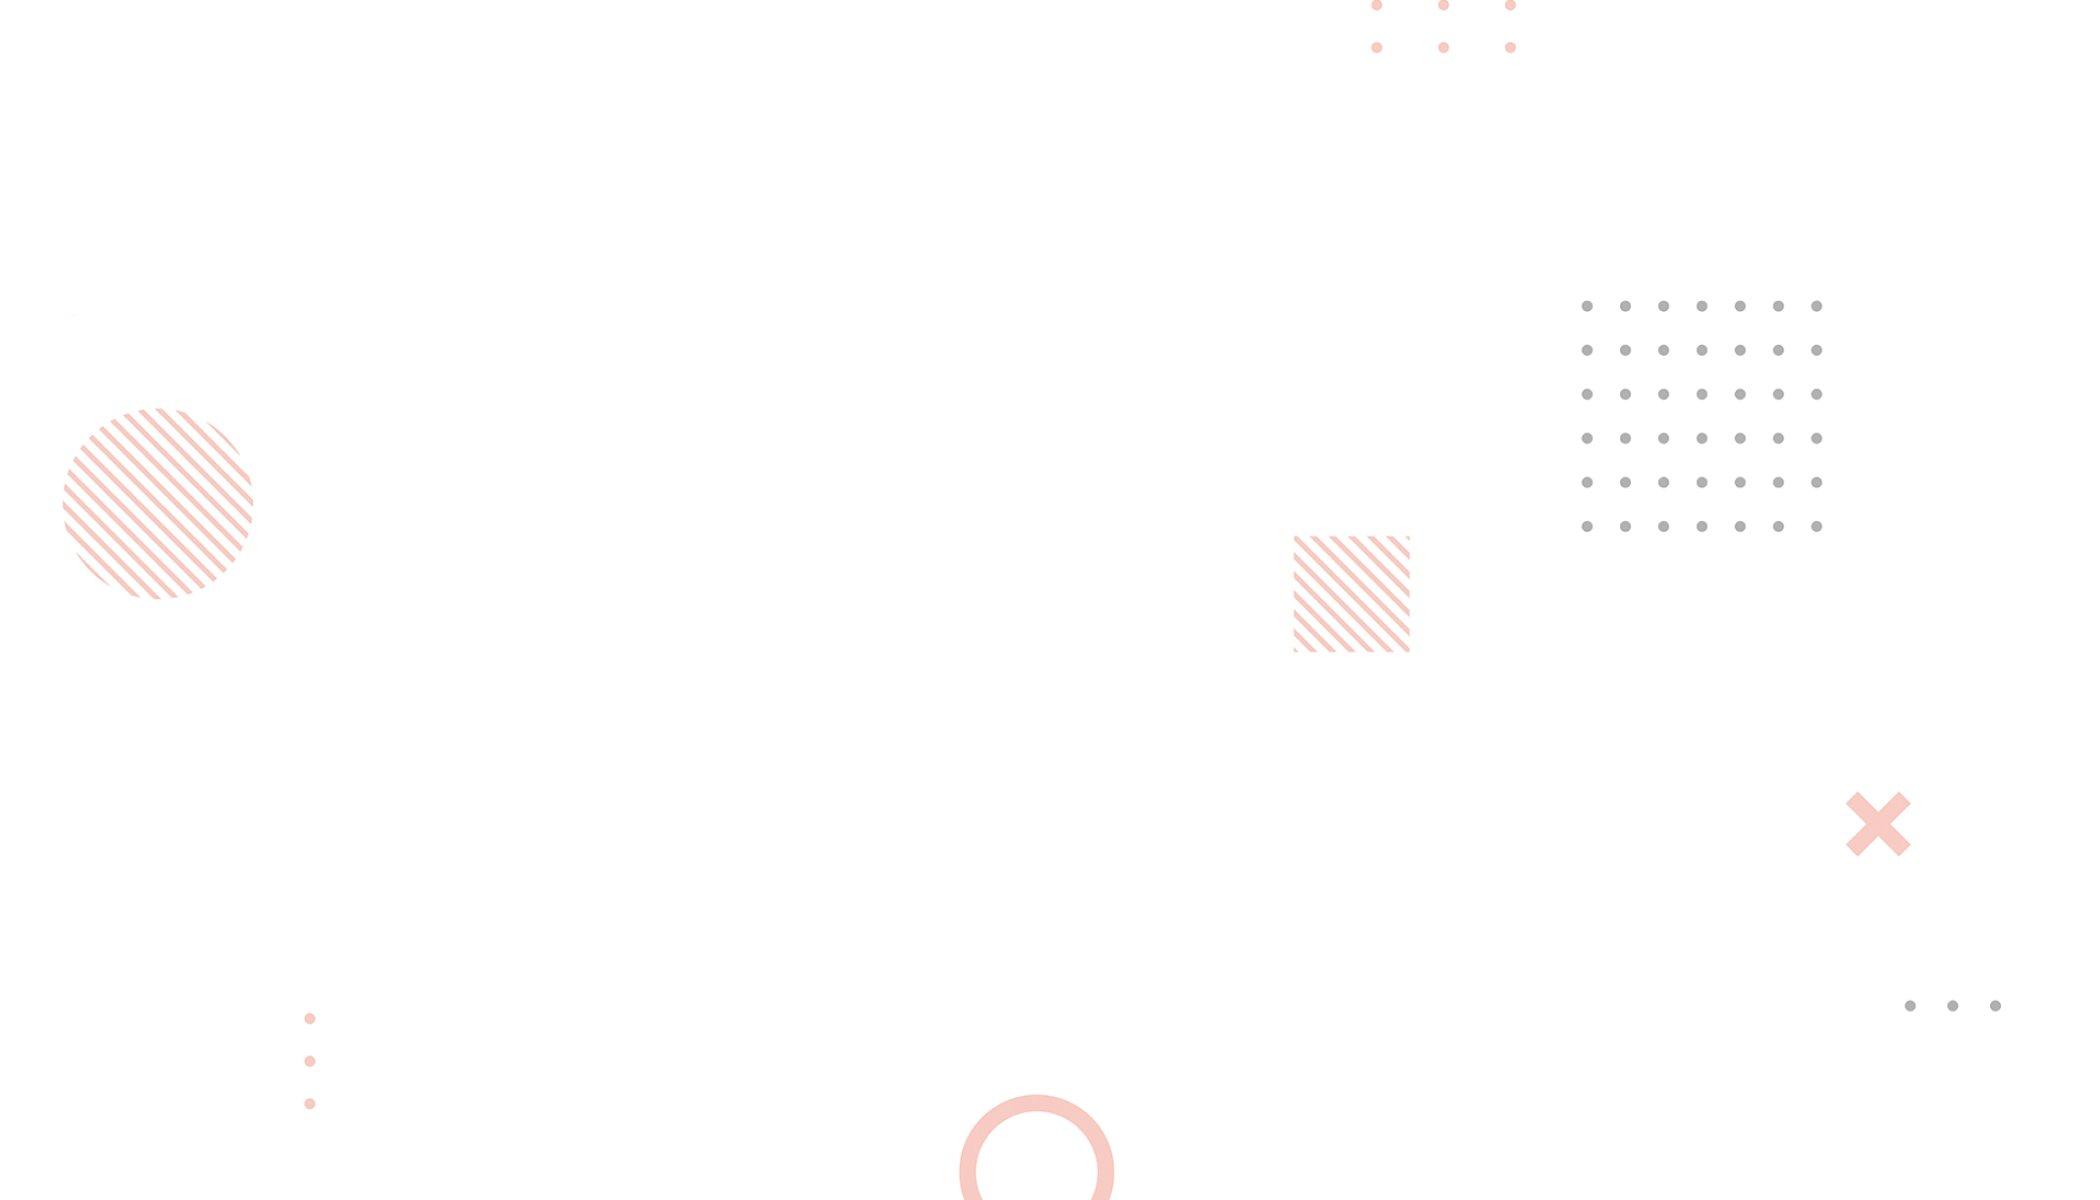 Single-Click Demo Install